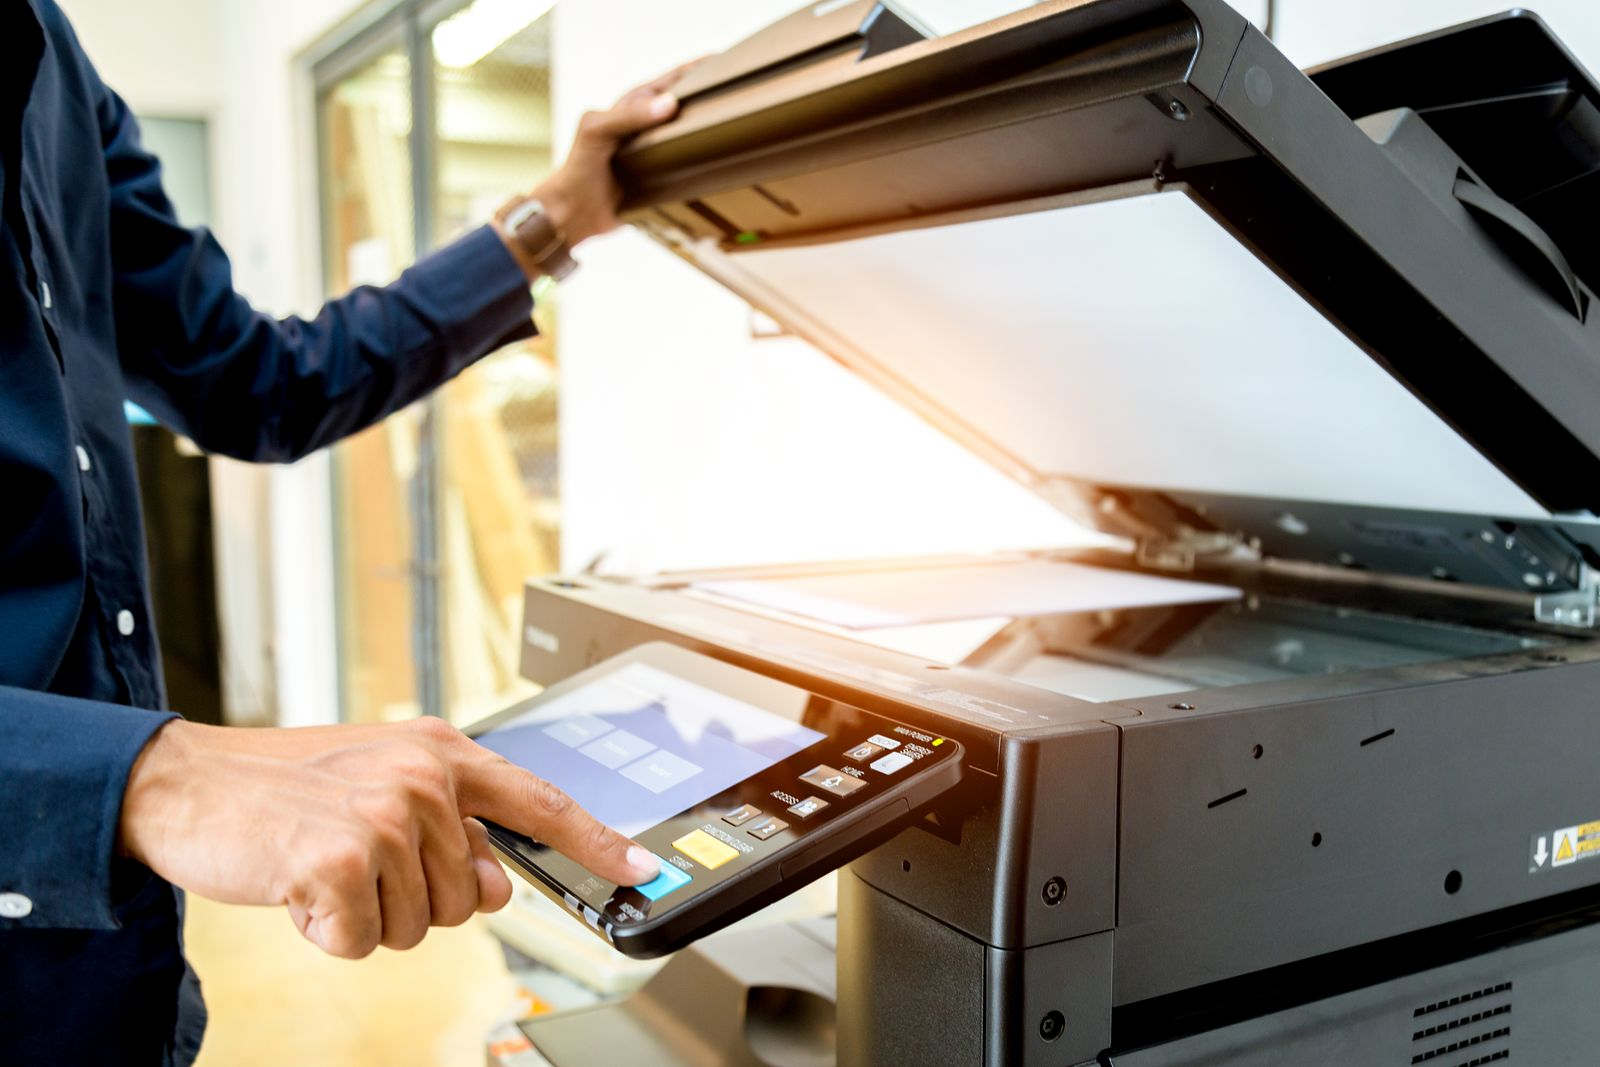 Homme qui fait des photocopies